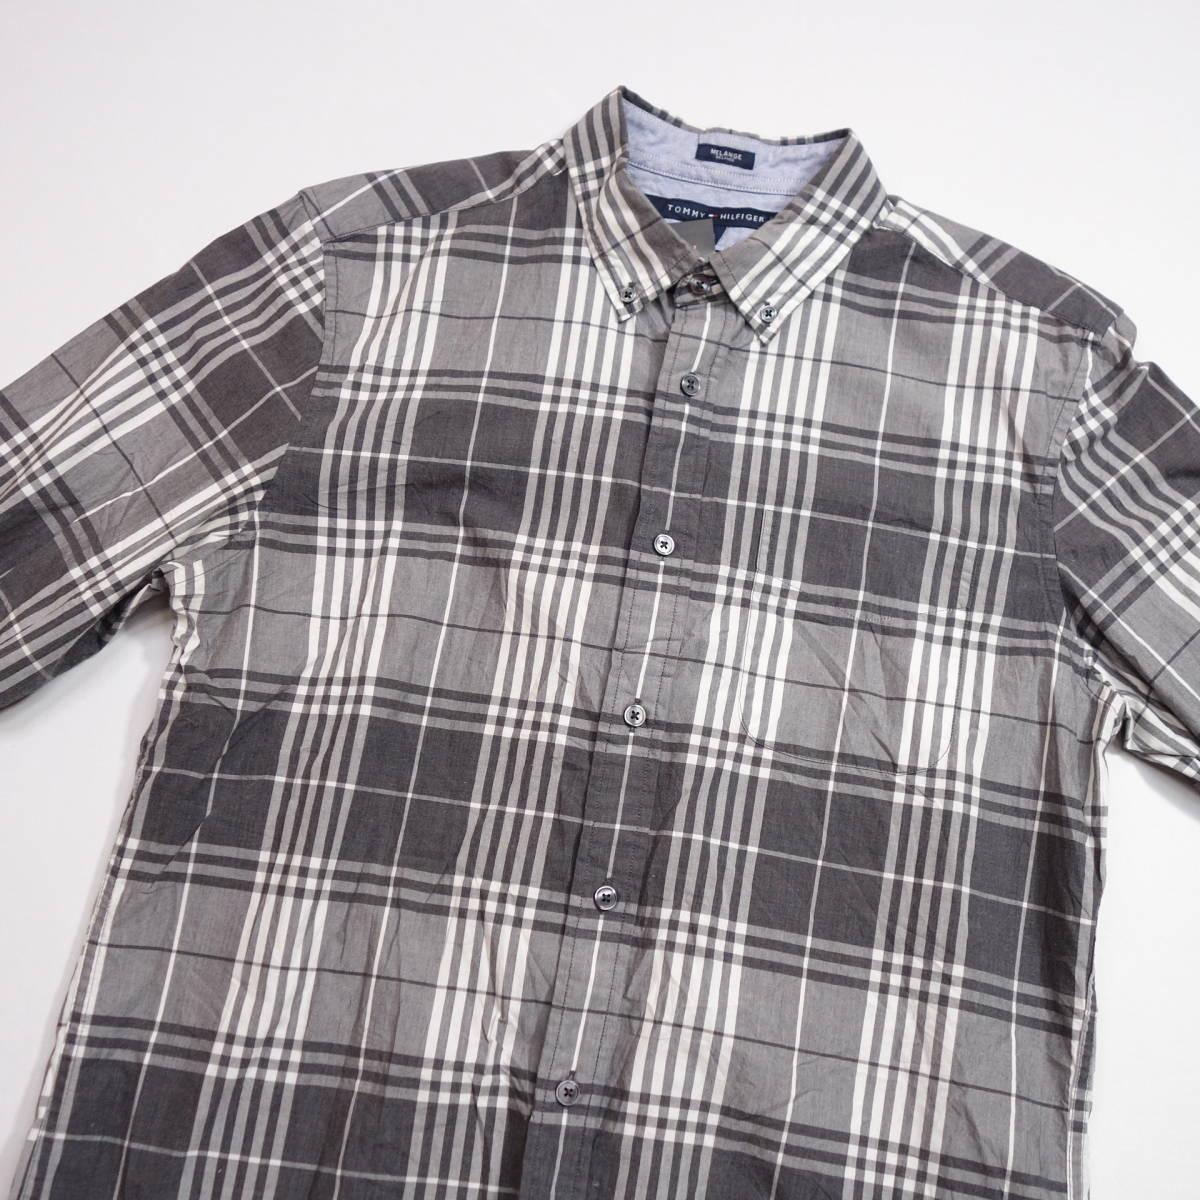 トミーヒルフィガー TOMMY チェックシャツ 長袖 メンズ M ボタンダウン カジュアル アメリカ USA直輸入 古着 MTH-3-2-0043_画像3